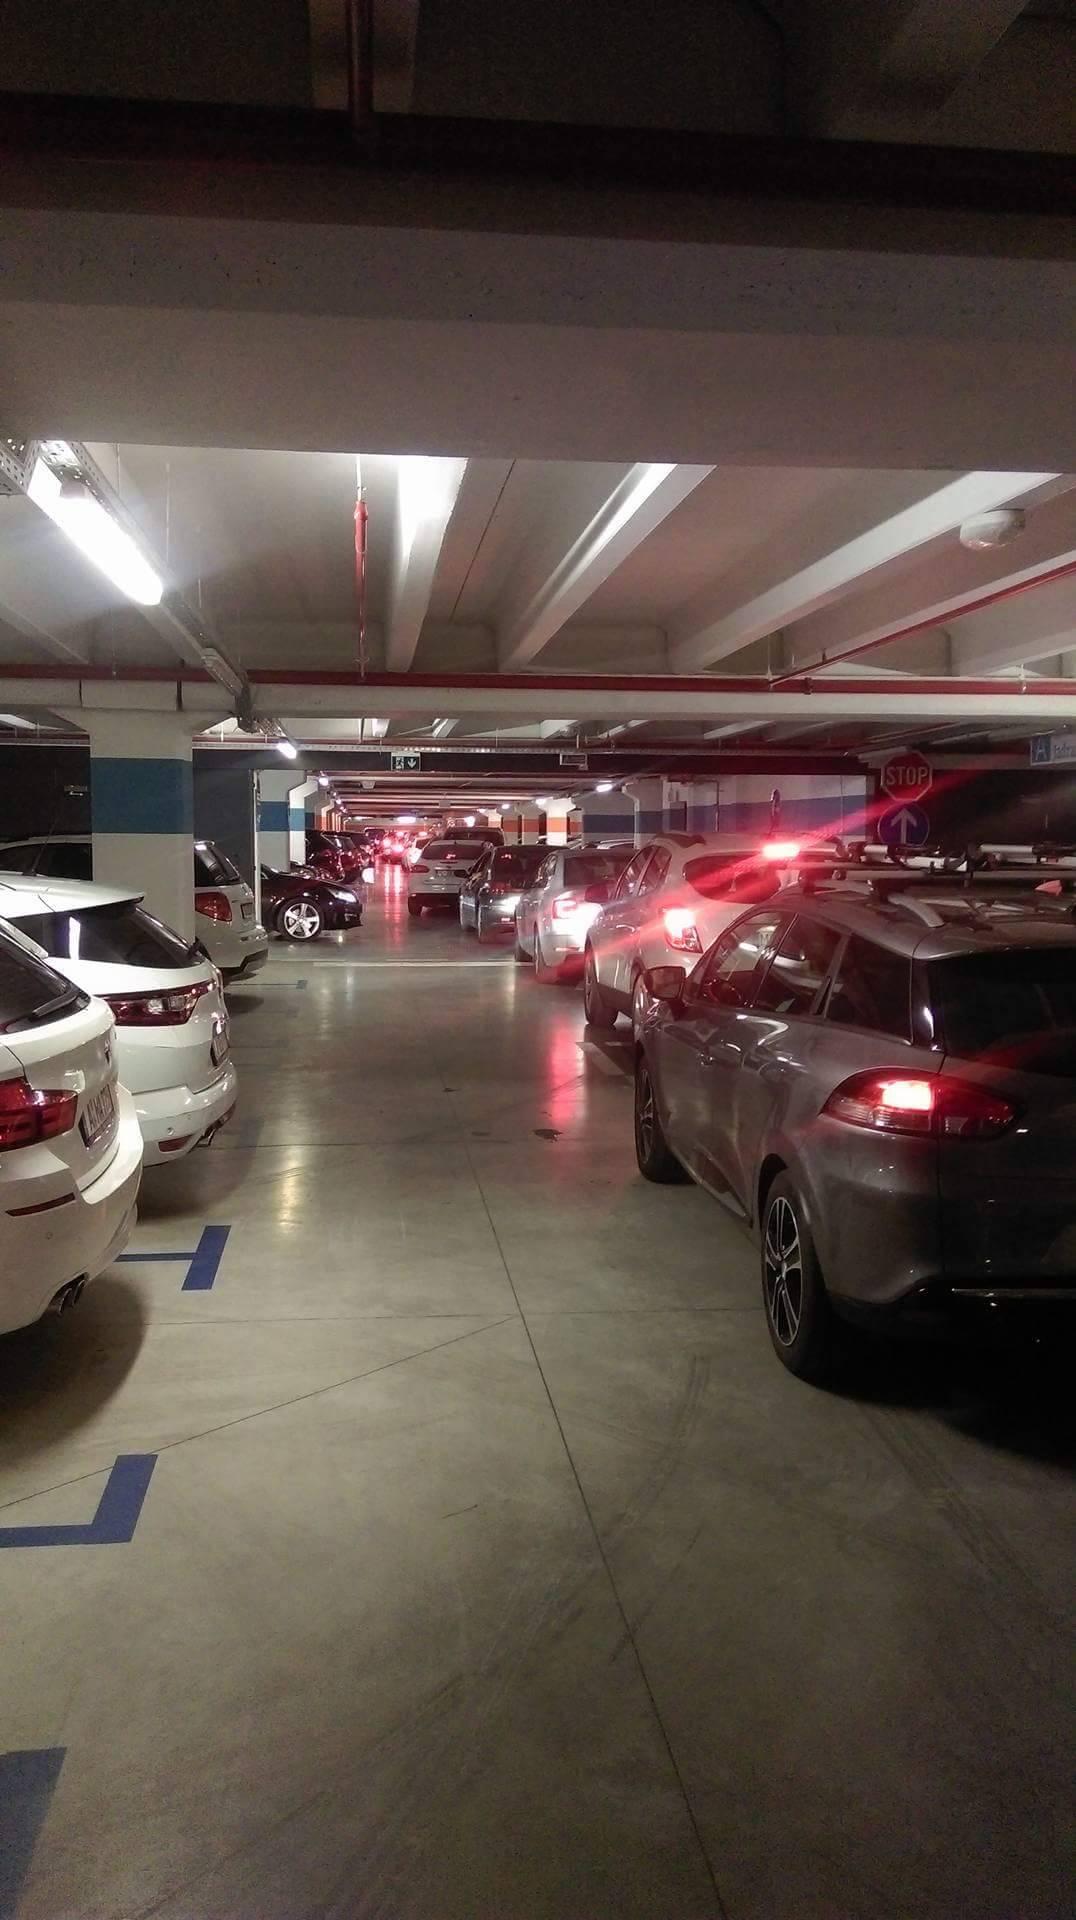 Mall of Split: Auti su zagradili garažu, ljudi satima ne izlaze